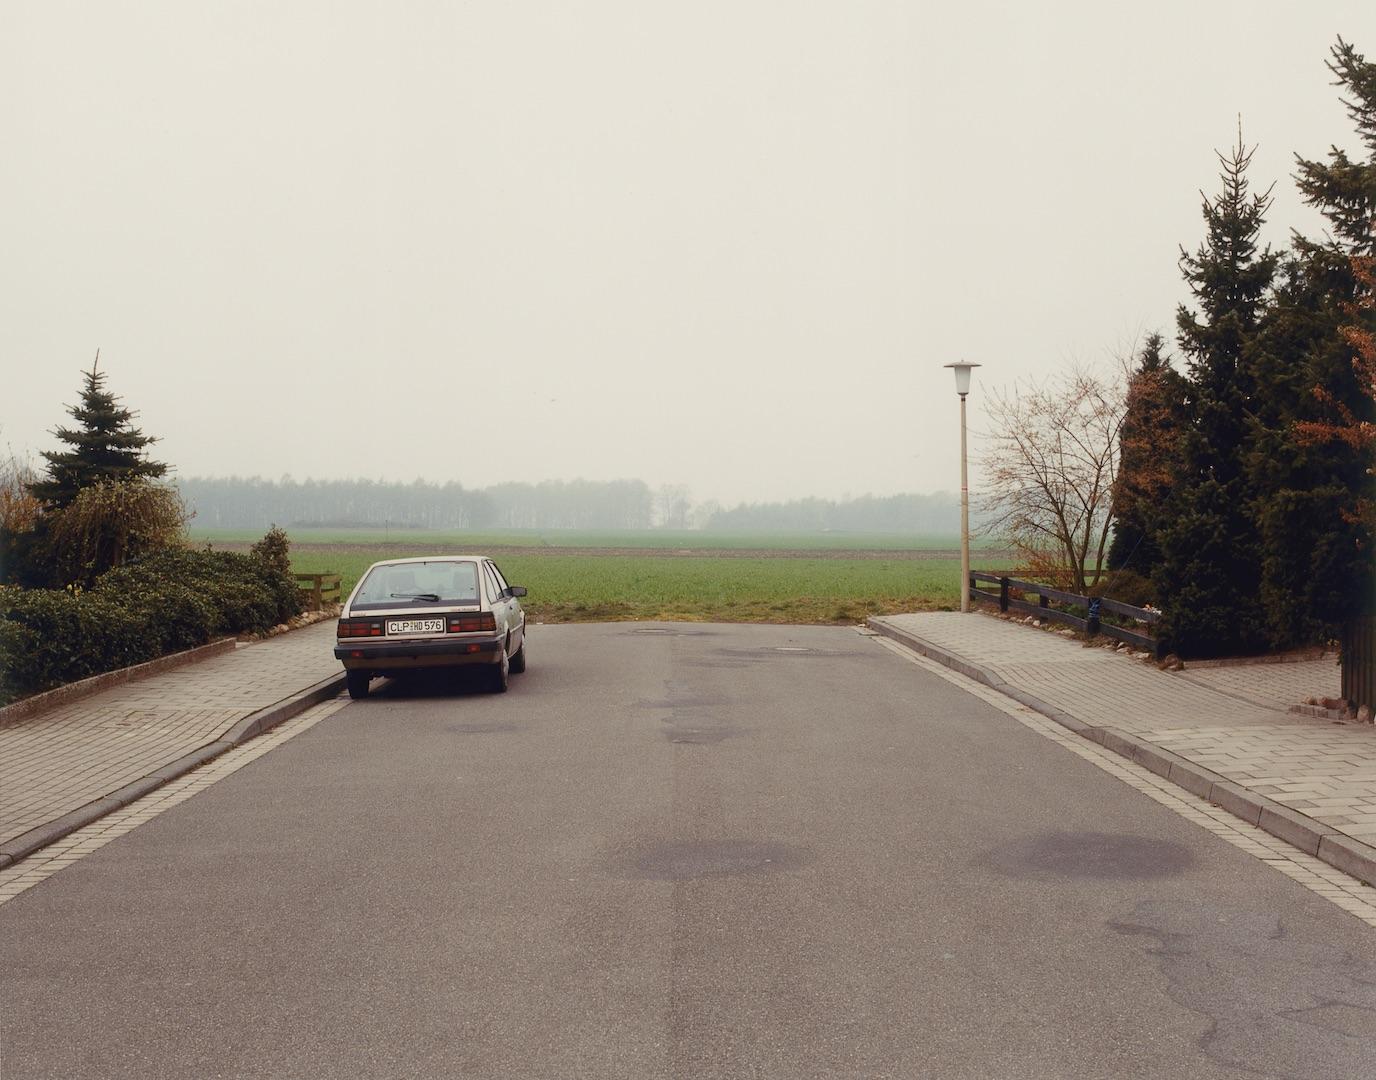 Serie Cloppenburg 1989-1990, C-Print framed, 39 x 44 cm